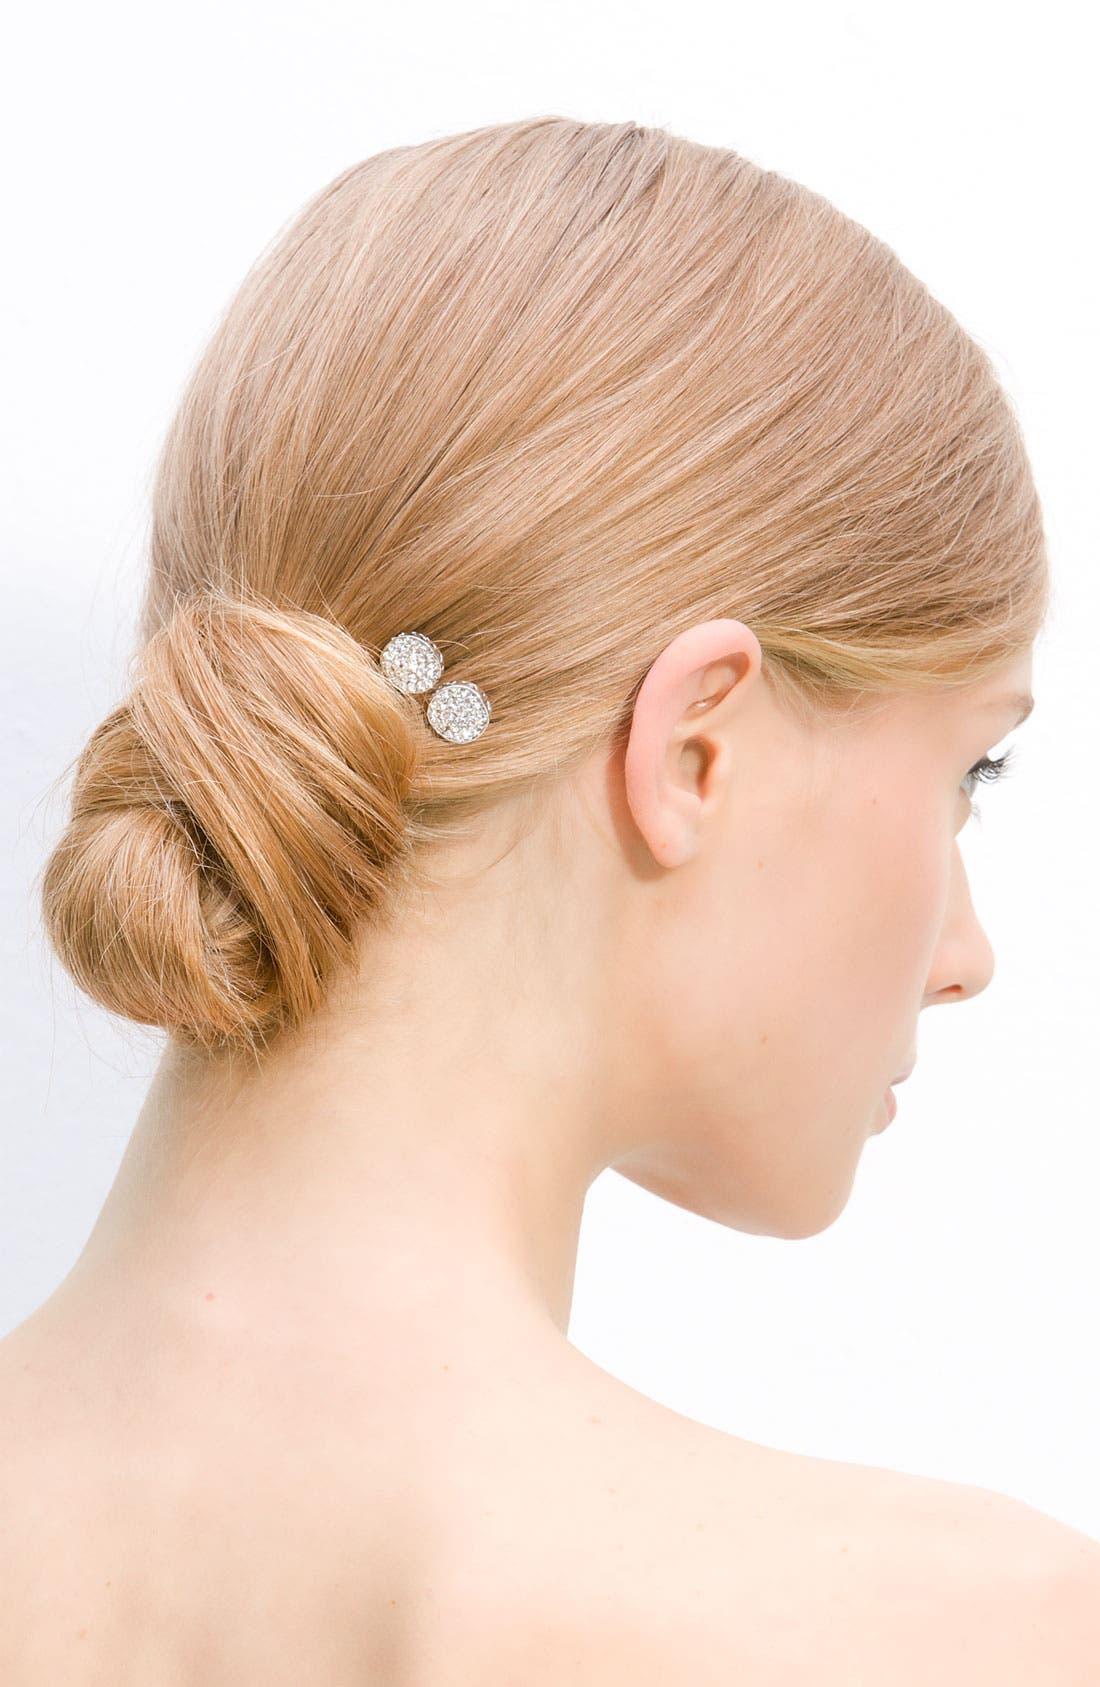 Main Image - Tasha 'Mini Circle' Hair Picks (Set of 2)